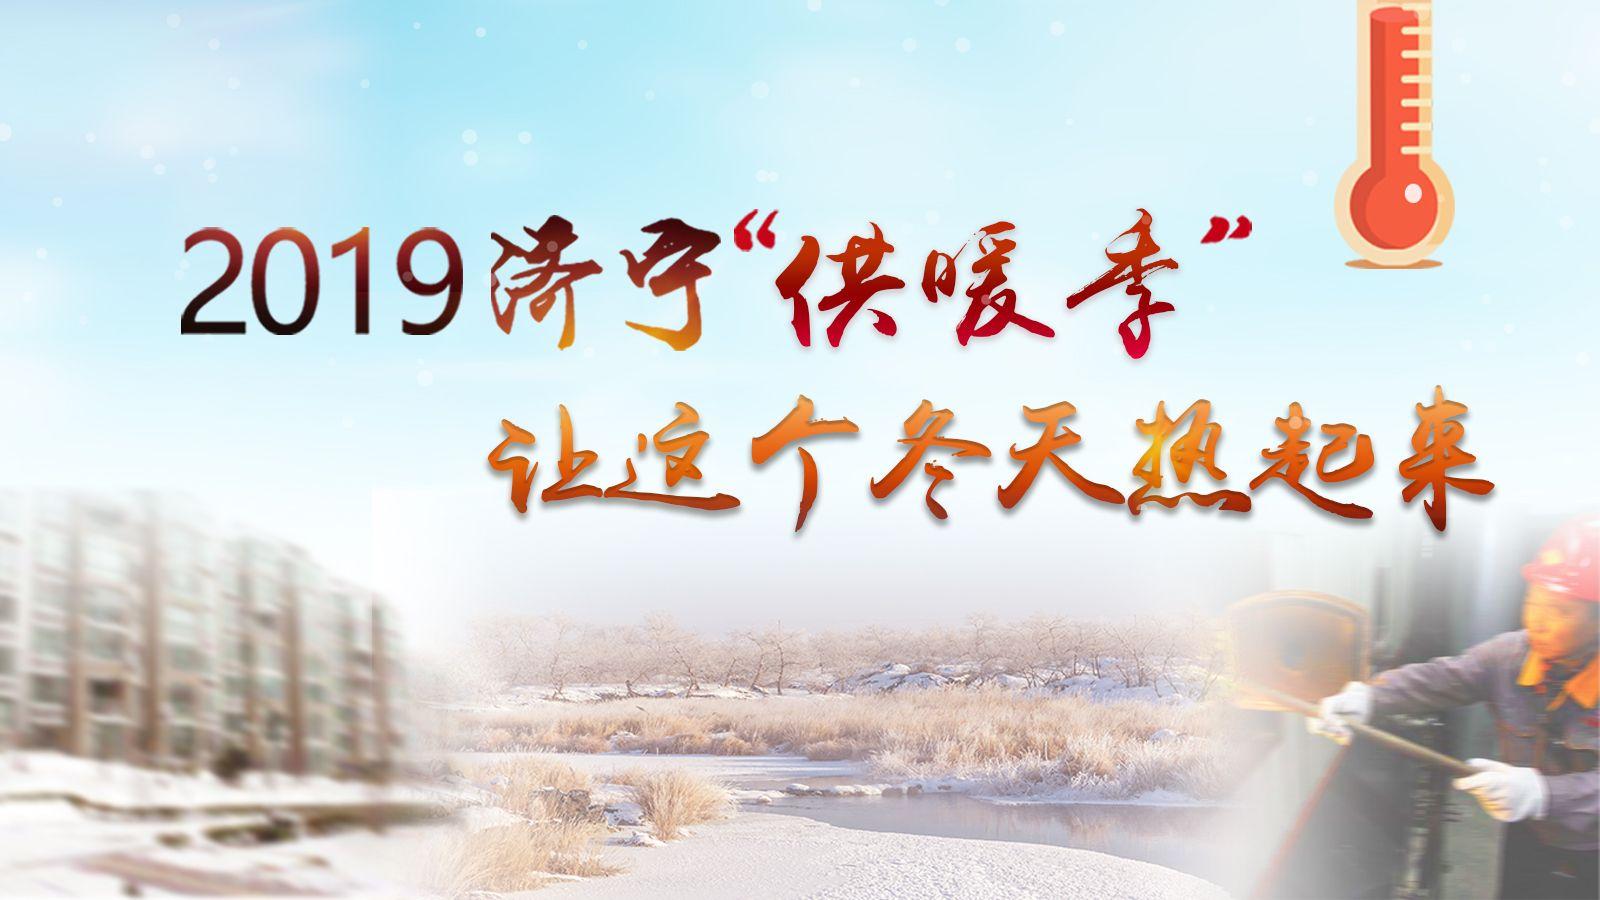 2019必威betway供暖季——讓這個冬天熱起來